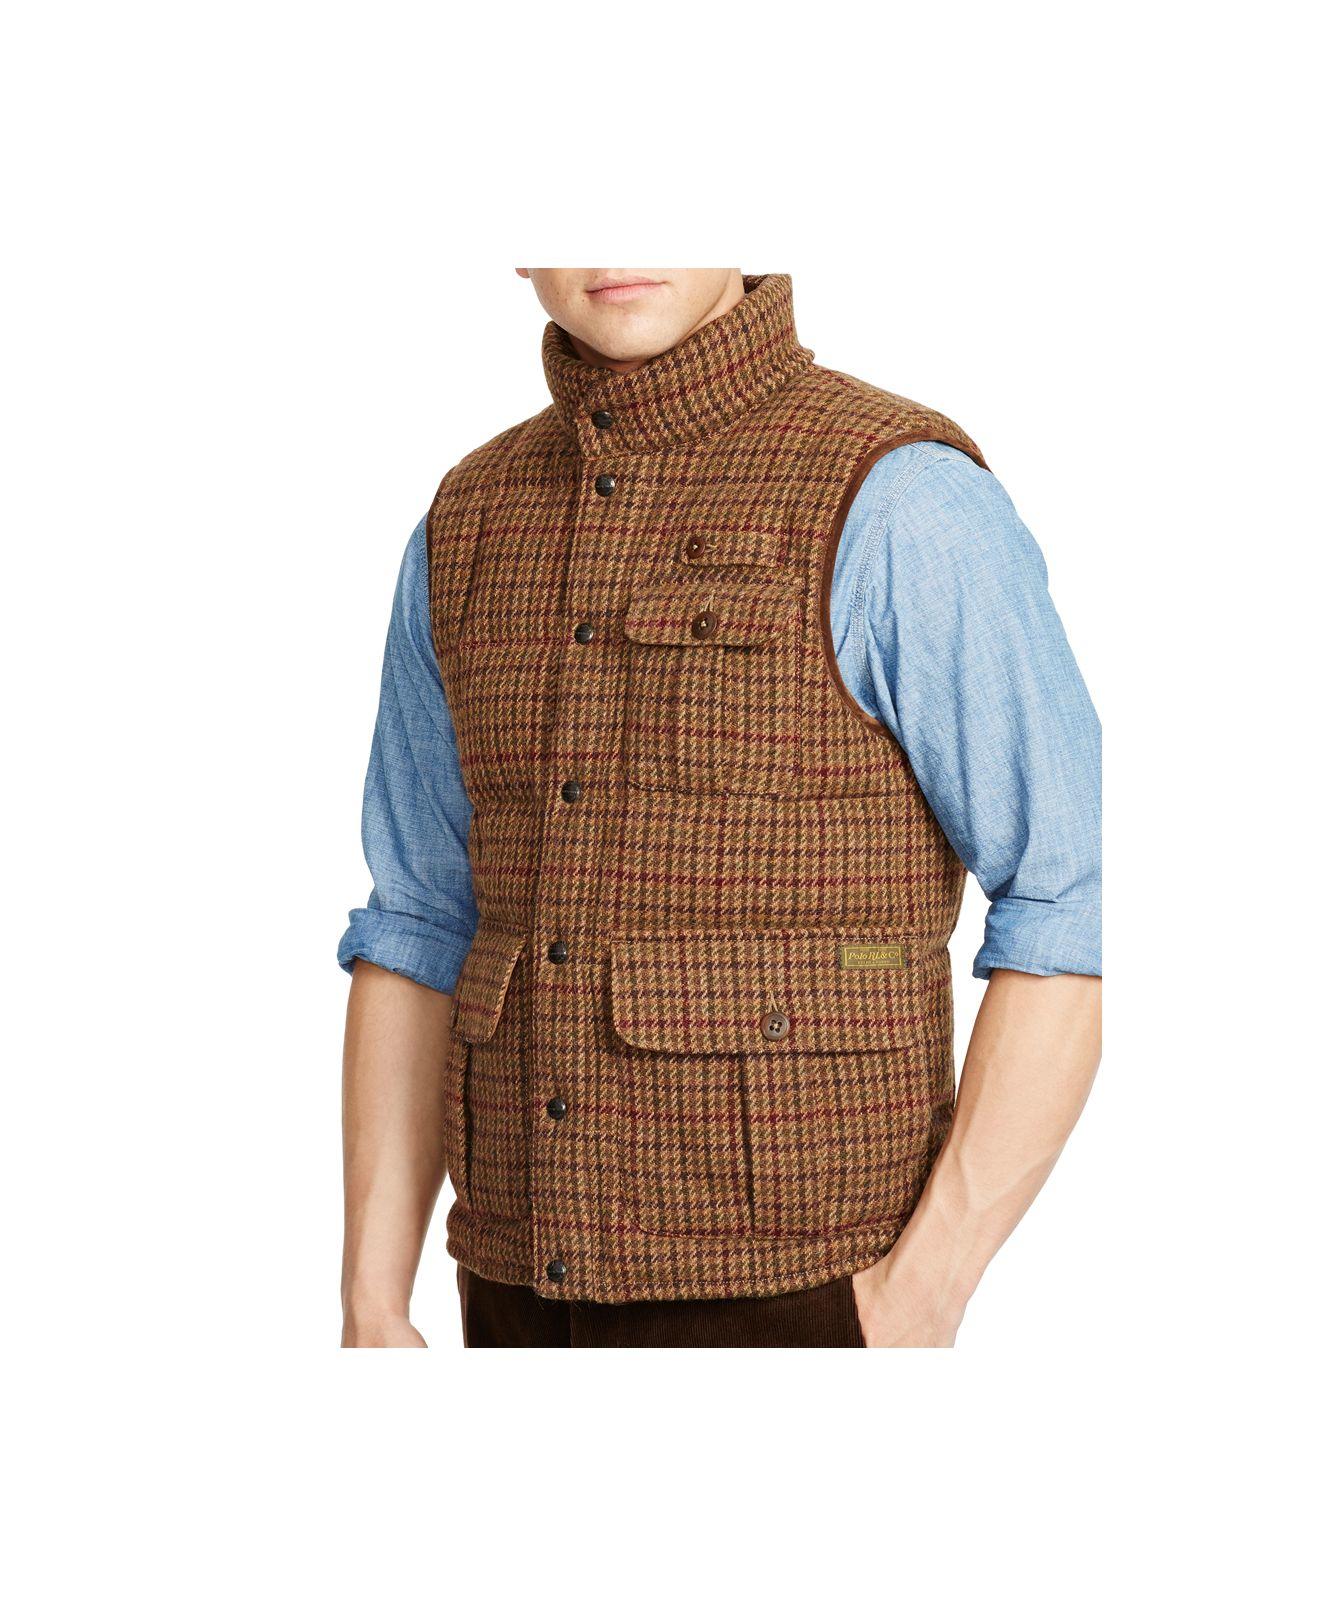 Polo Ralph Lauren Wolf Creek Tweed Down Vest in Brown for